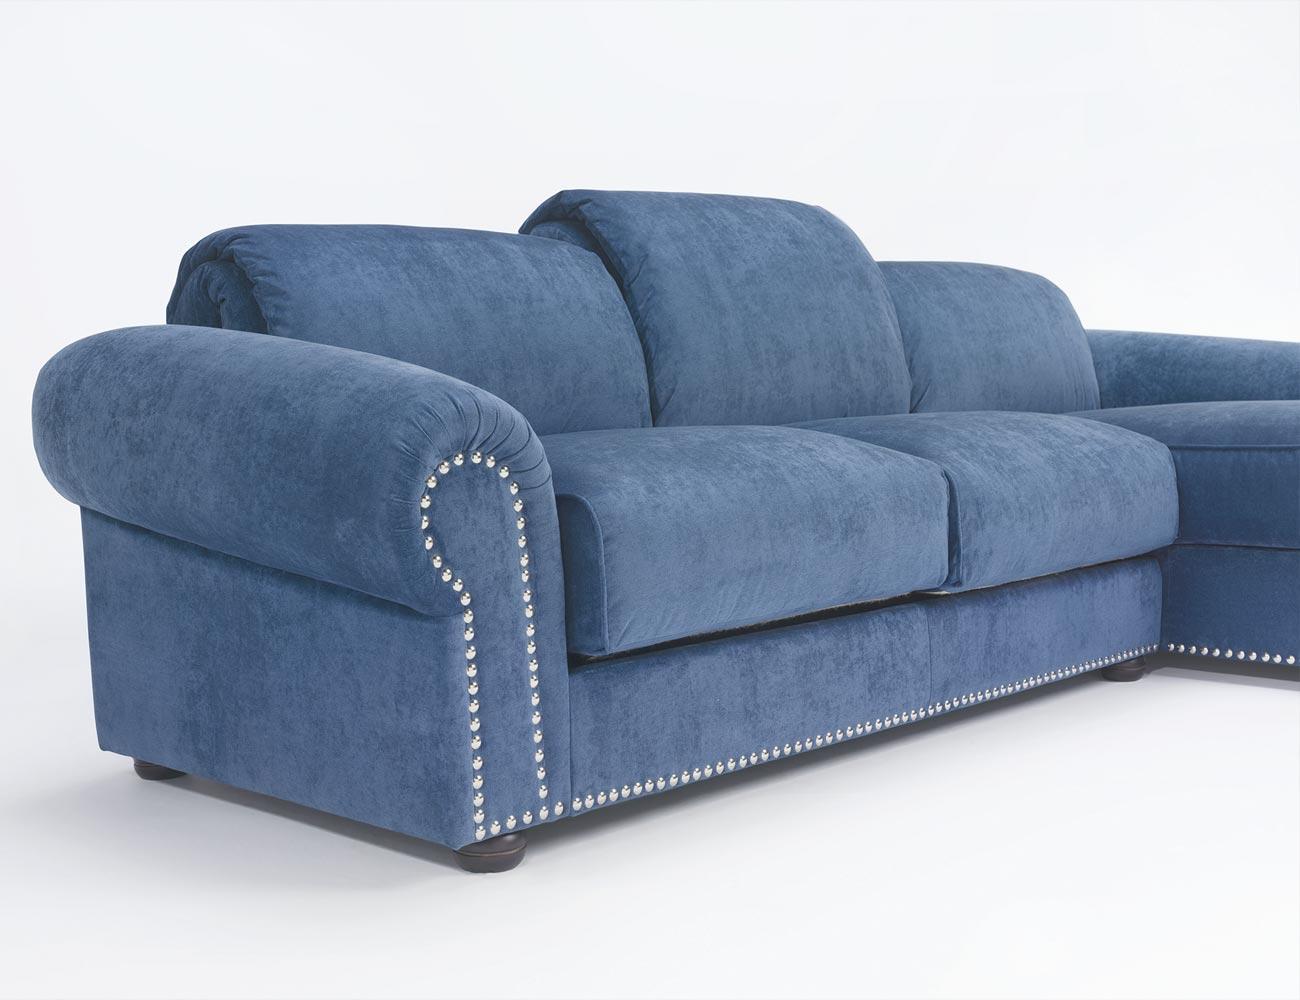 Sofa chaiselongue gran lujo decorativo azul 134